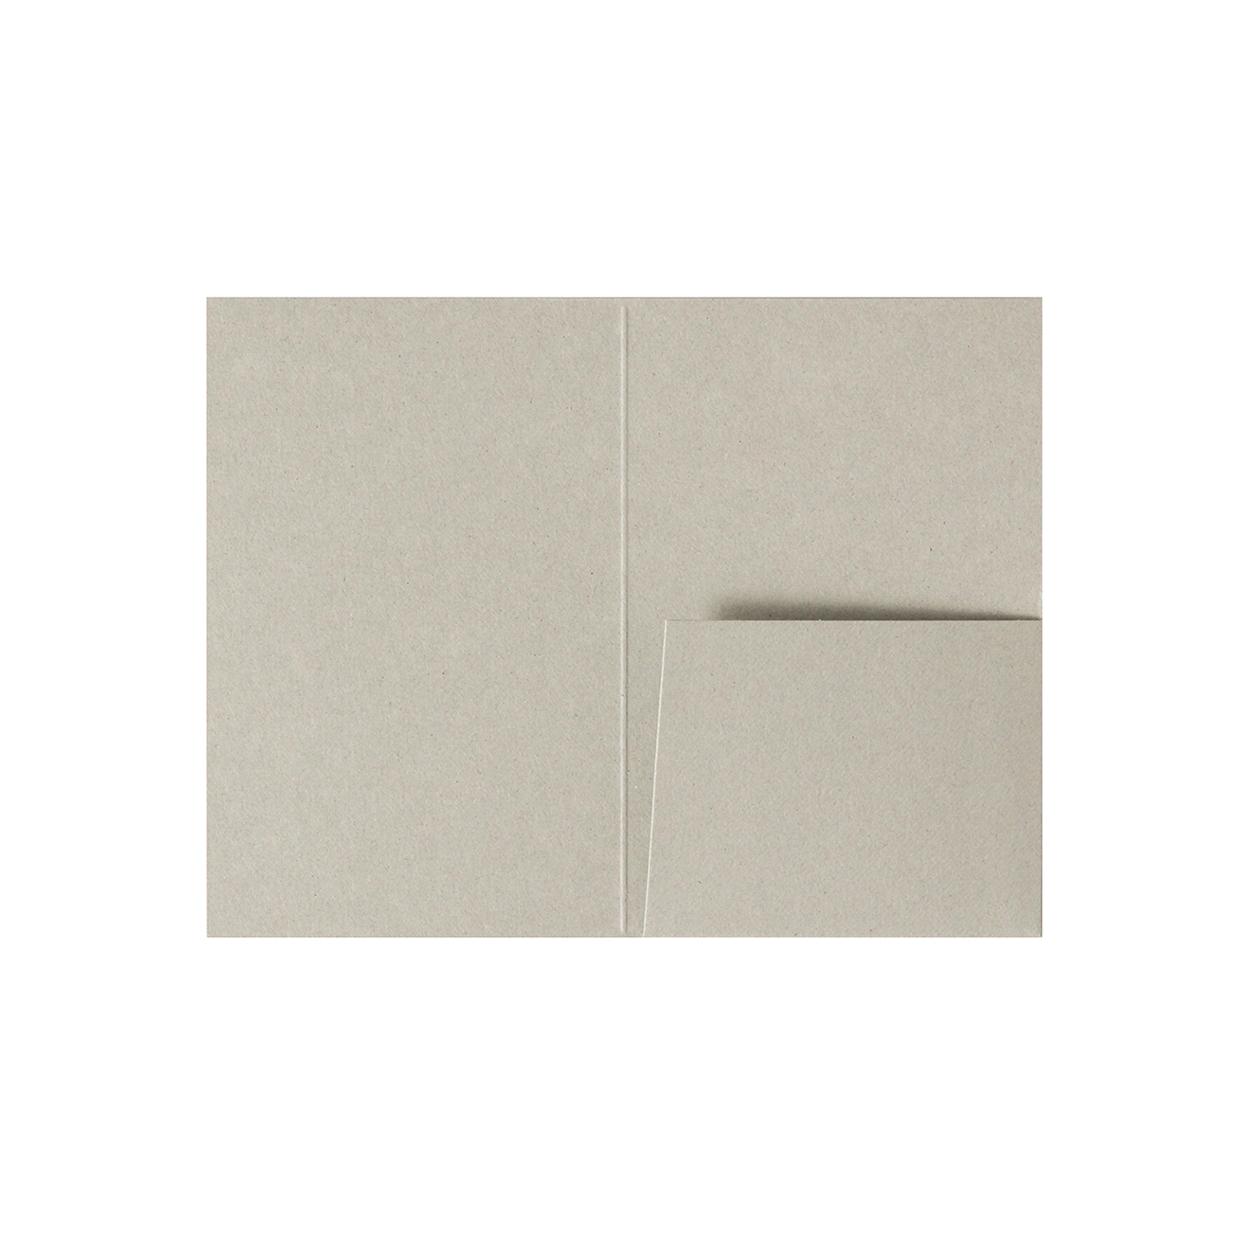 カードフォルダー 1ポケット ボード紙グレー 270g